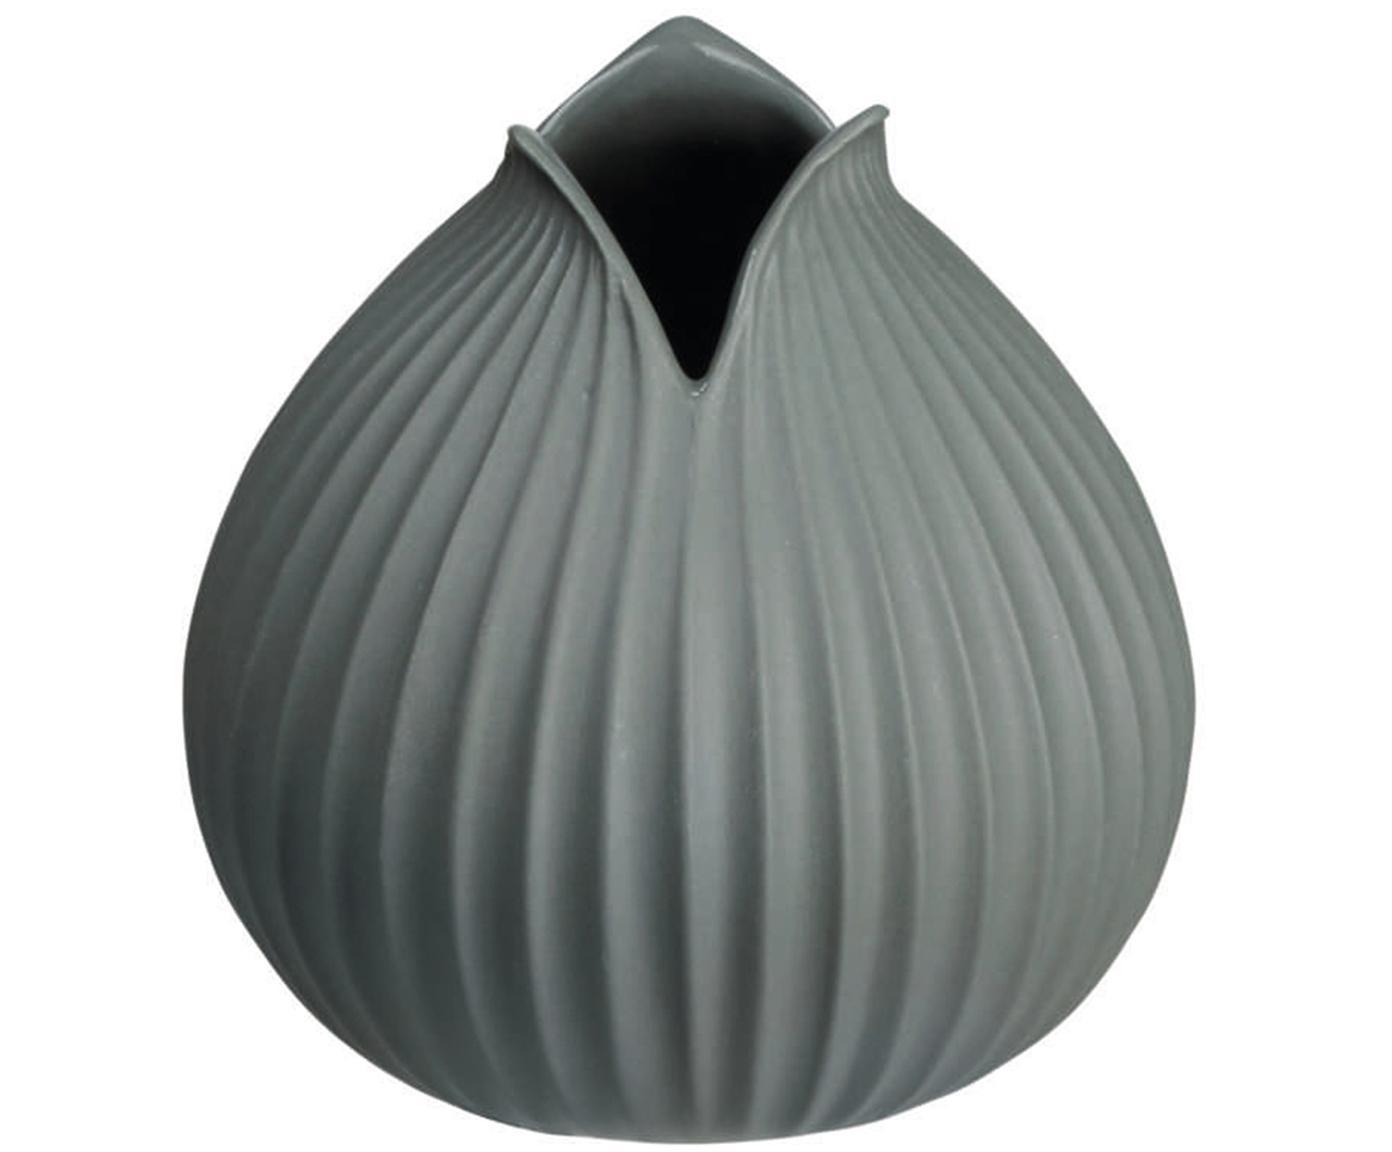 Handgemaakte vaas Yoko van porselein, Porselein, Grijs, Ø 10 x H 11 cm